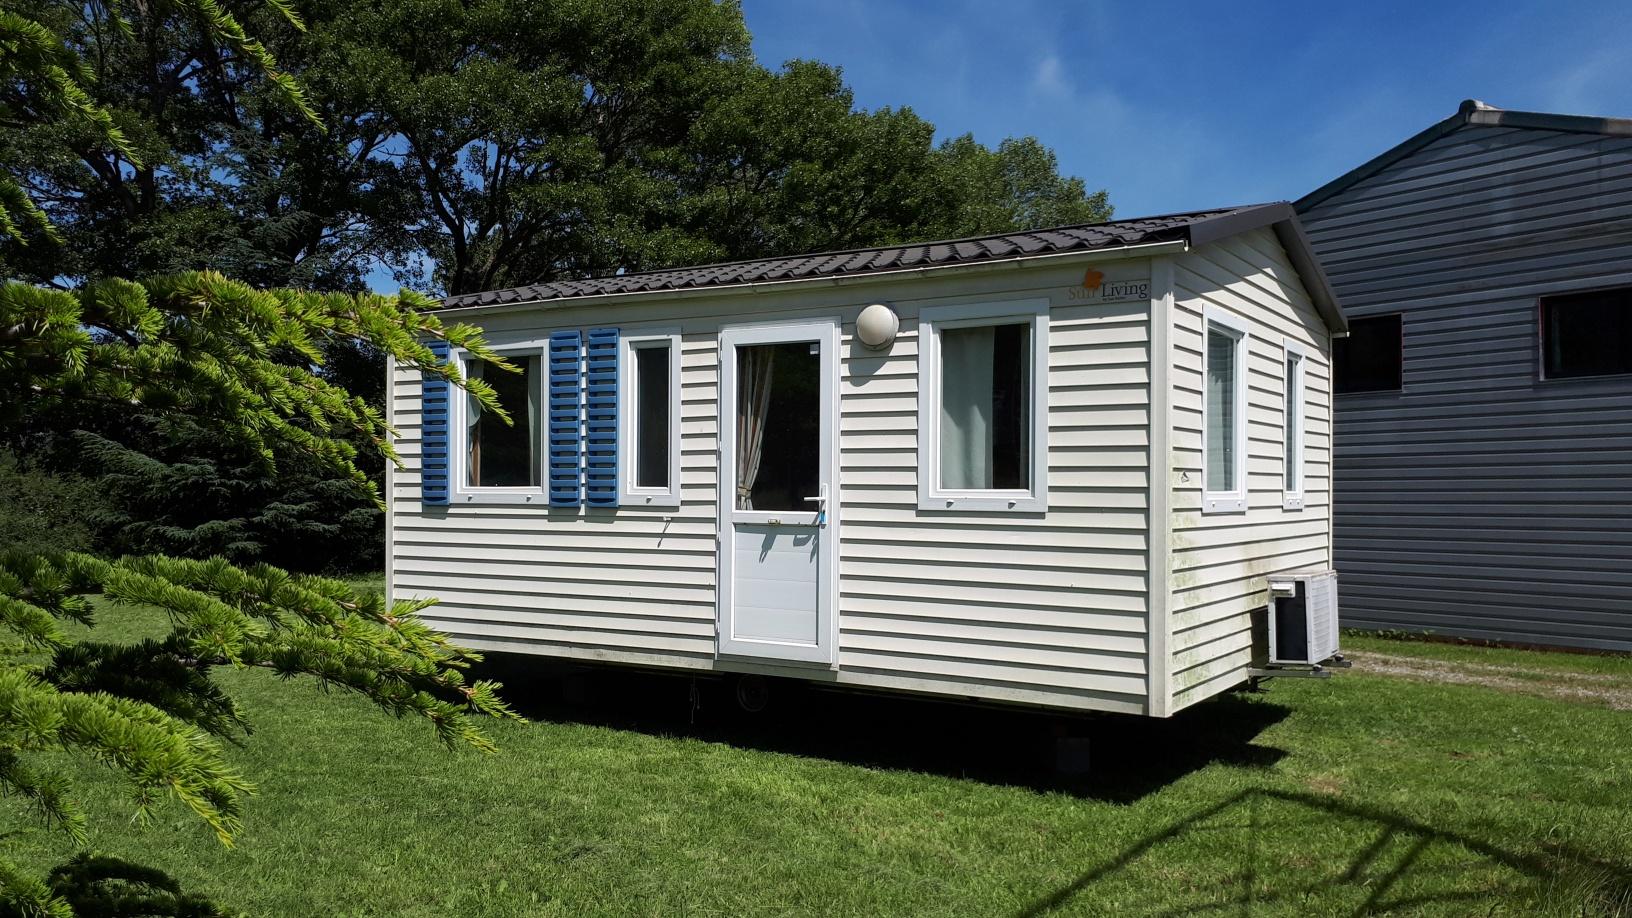 Mobil-home 6 x 4 m – 2 Chambres – Isolé 4 saisons – Climatisé